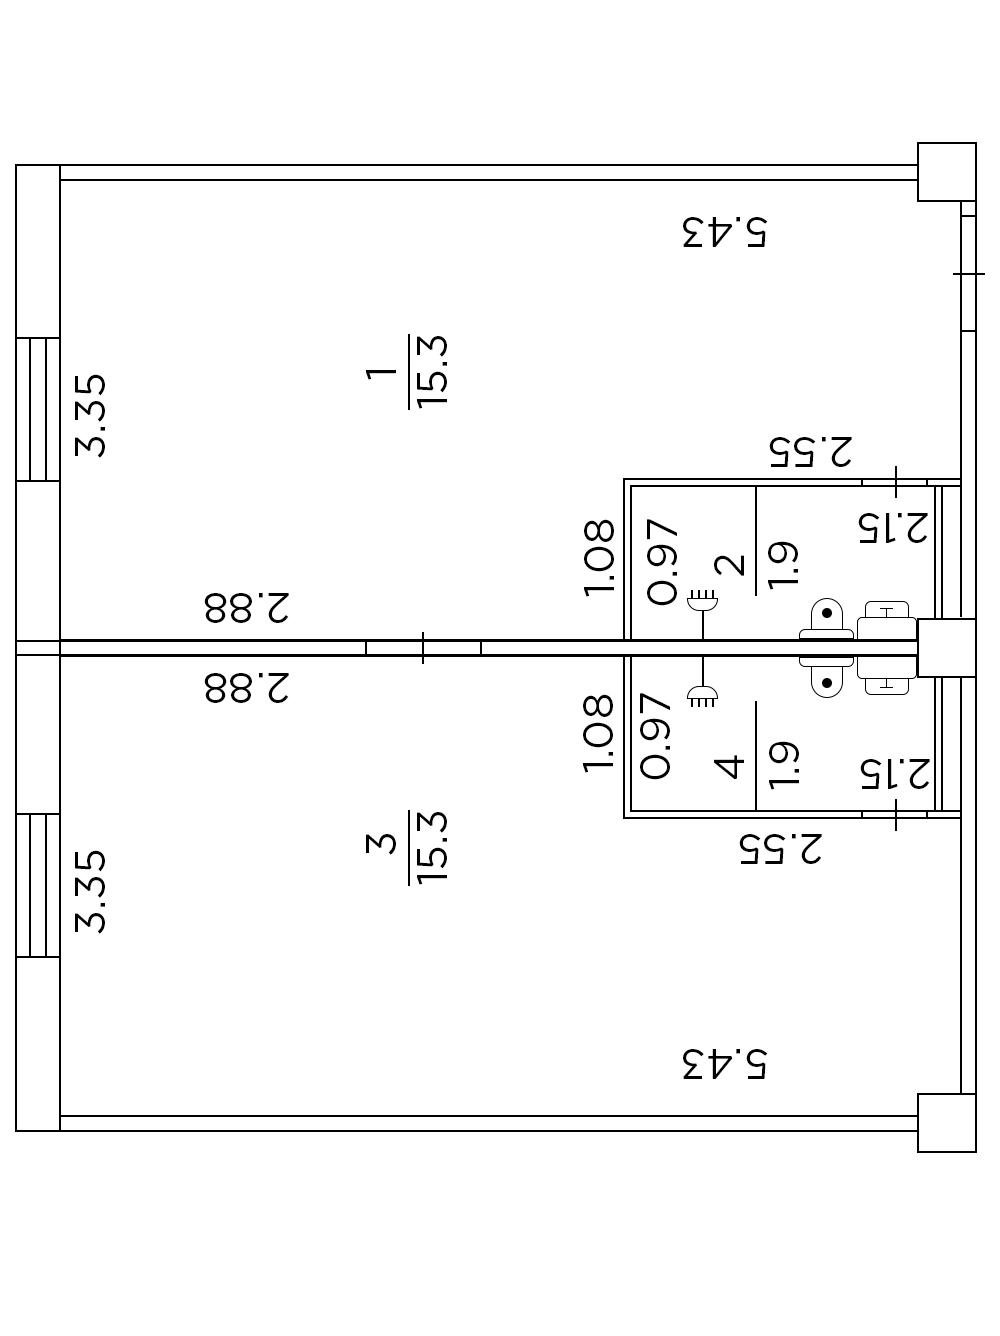 Двухкомнатная гостинка с одним стояком 34,5 кв.м.